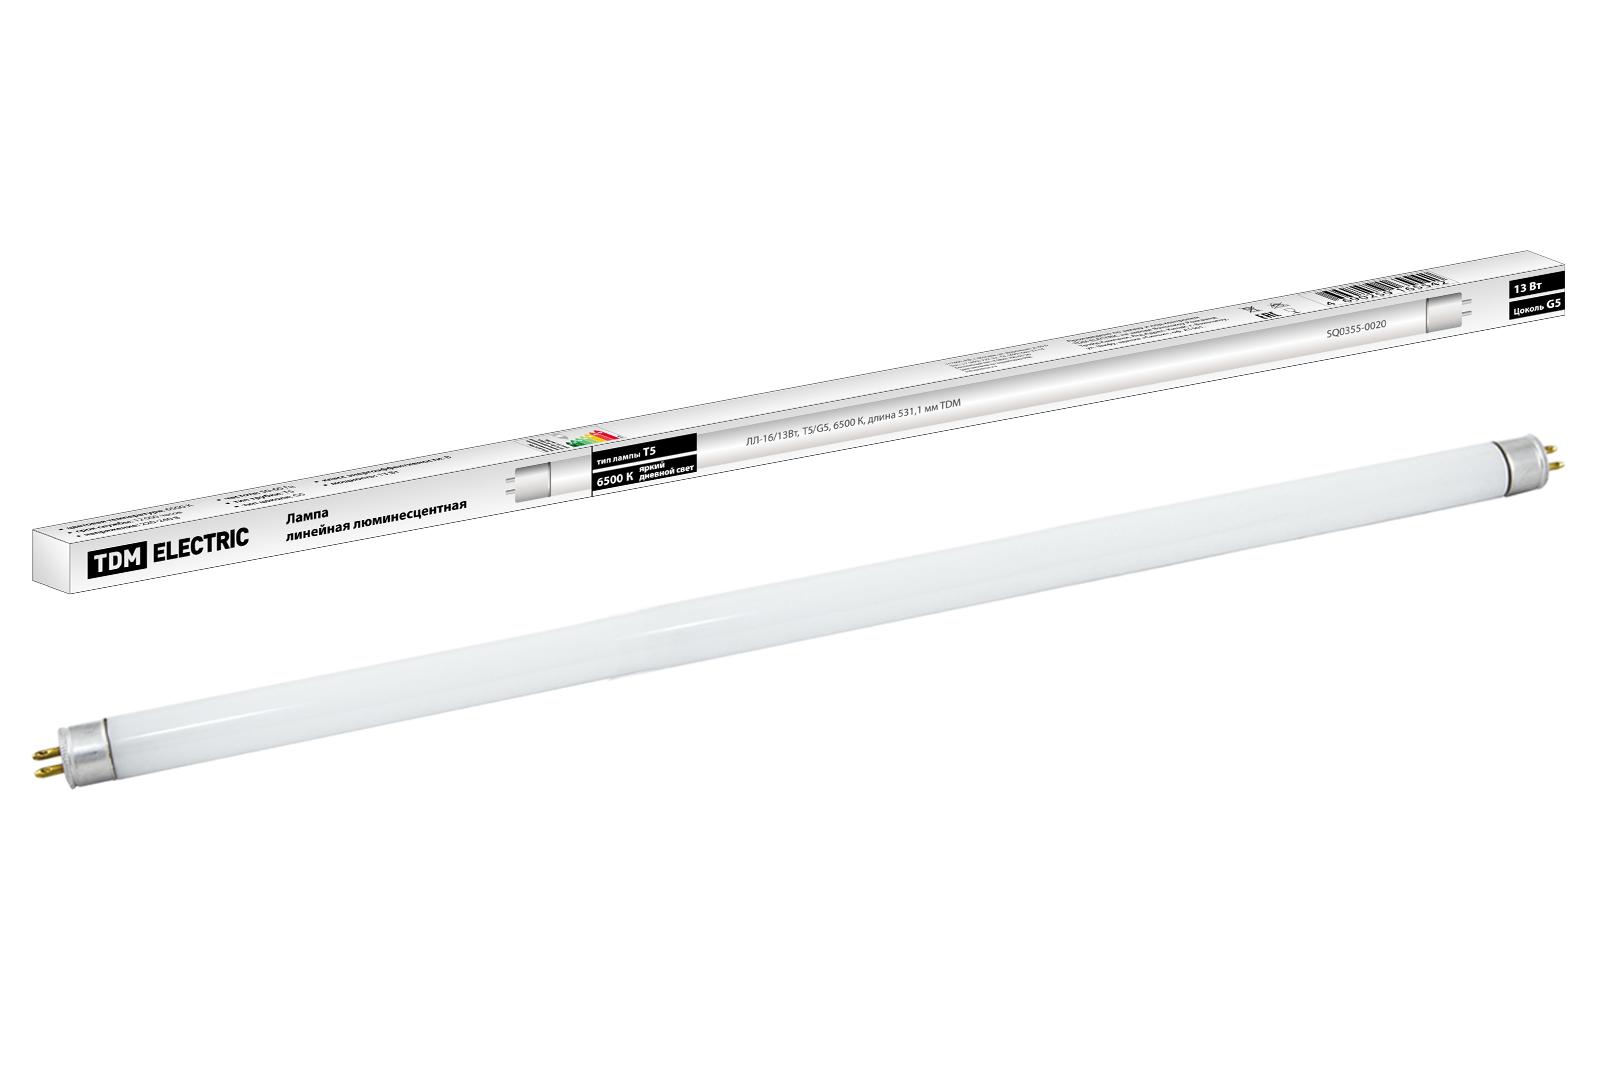 Фото Лампа люминесцентная линейная двухцокольная ЛЛ-16/13 Вт, T5/G5, 6500 К, длина 531,1мм TDM {SQ0355-0020}